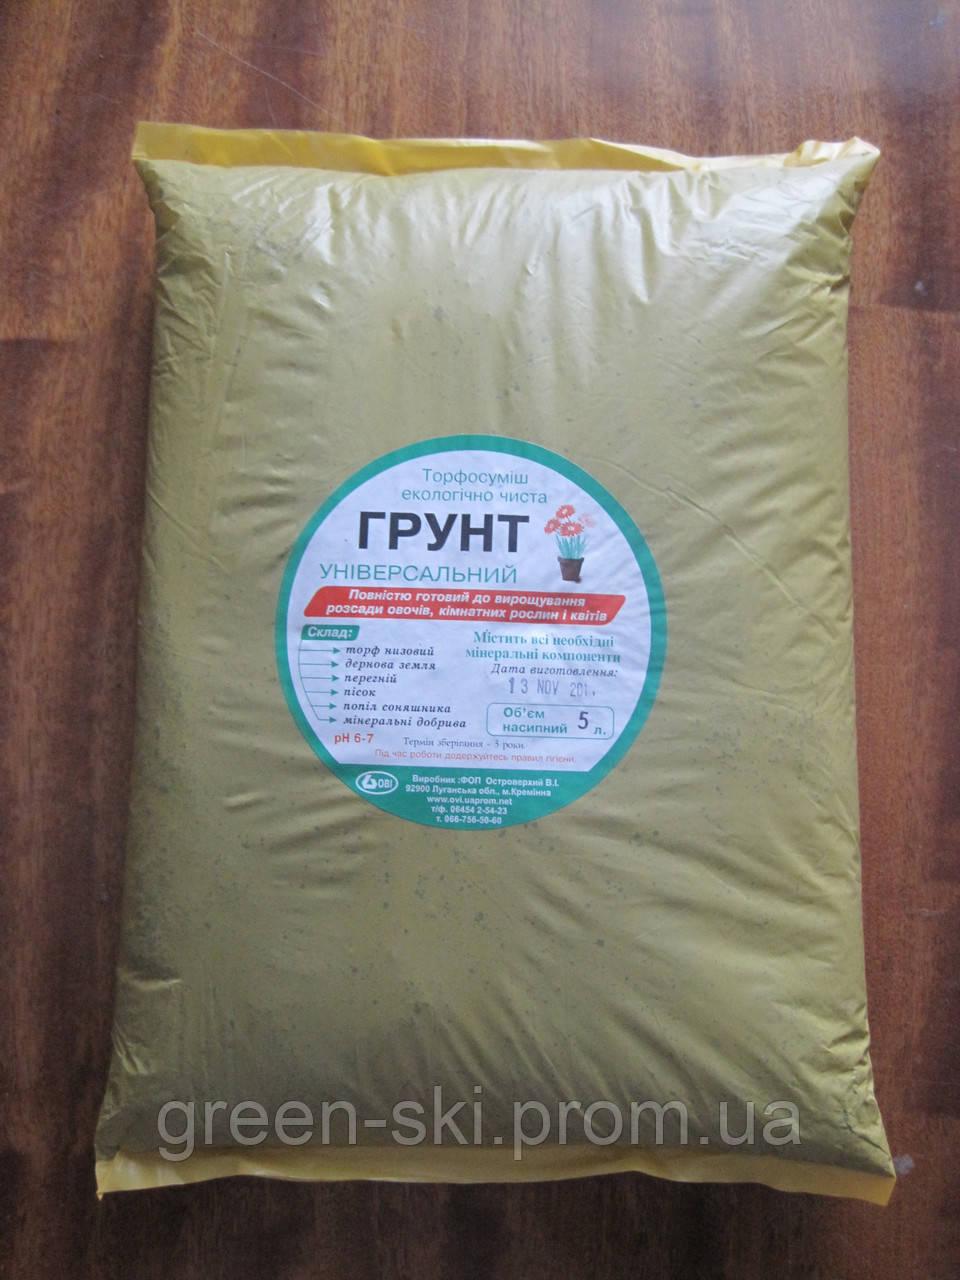 """Торфосмесь """"Грунт универсальный"""" 5л - Green Shop в Днепре"""